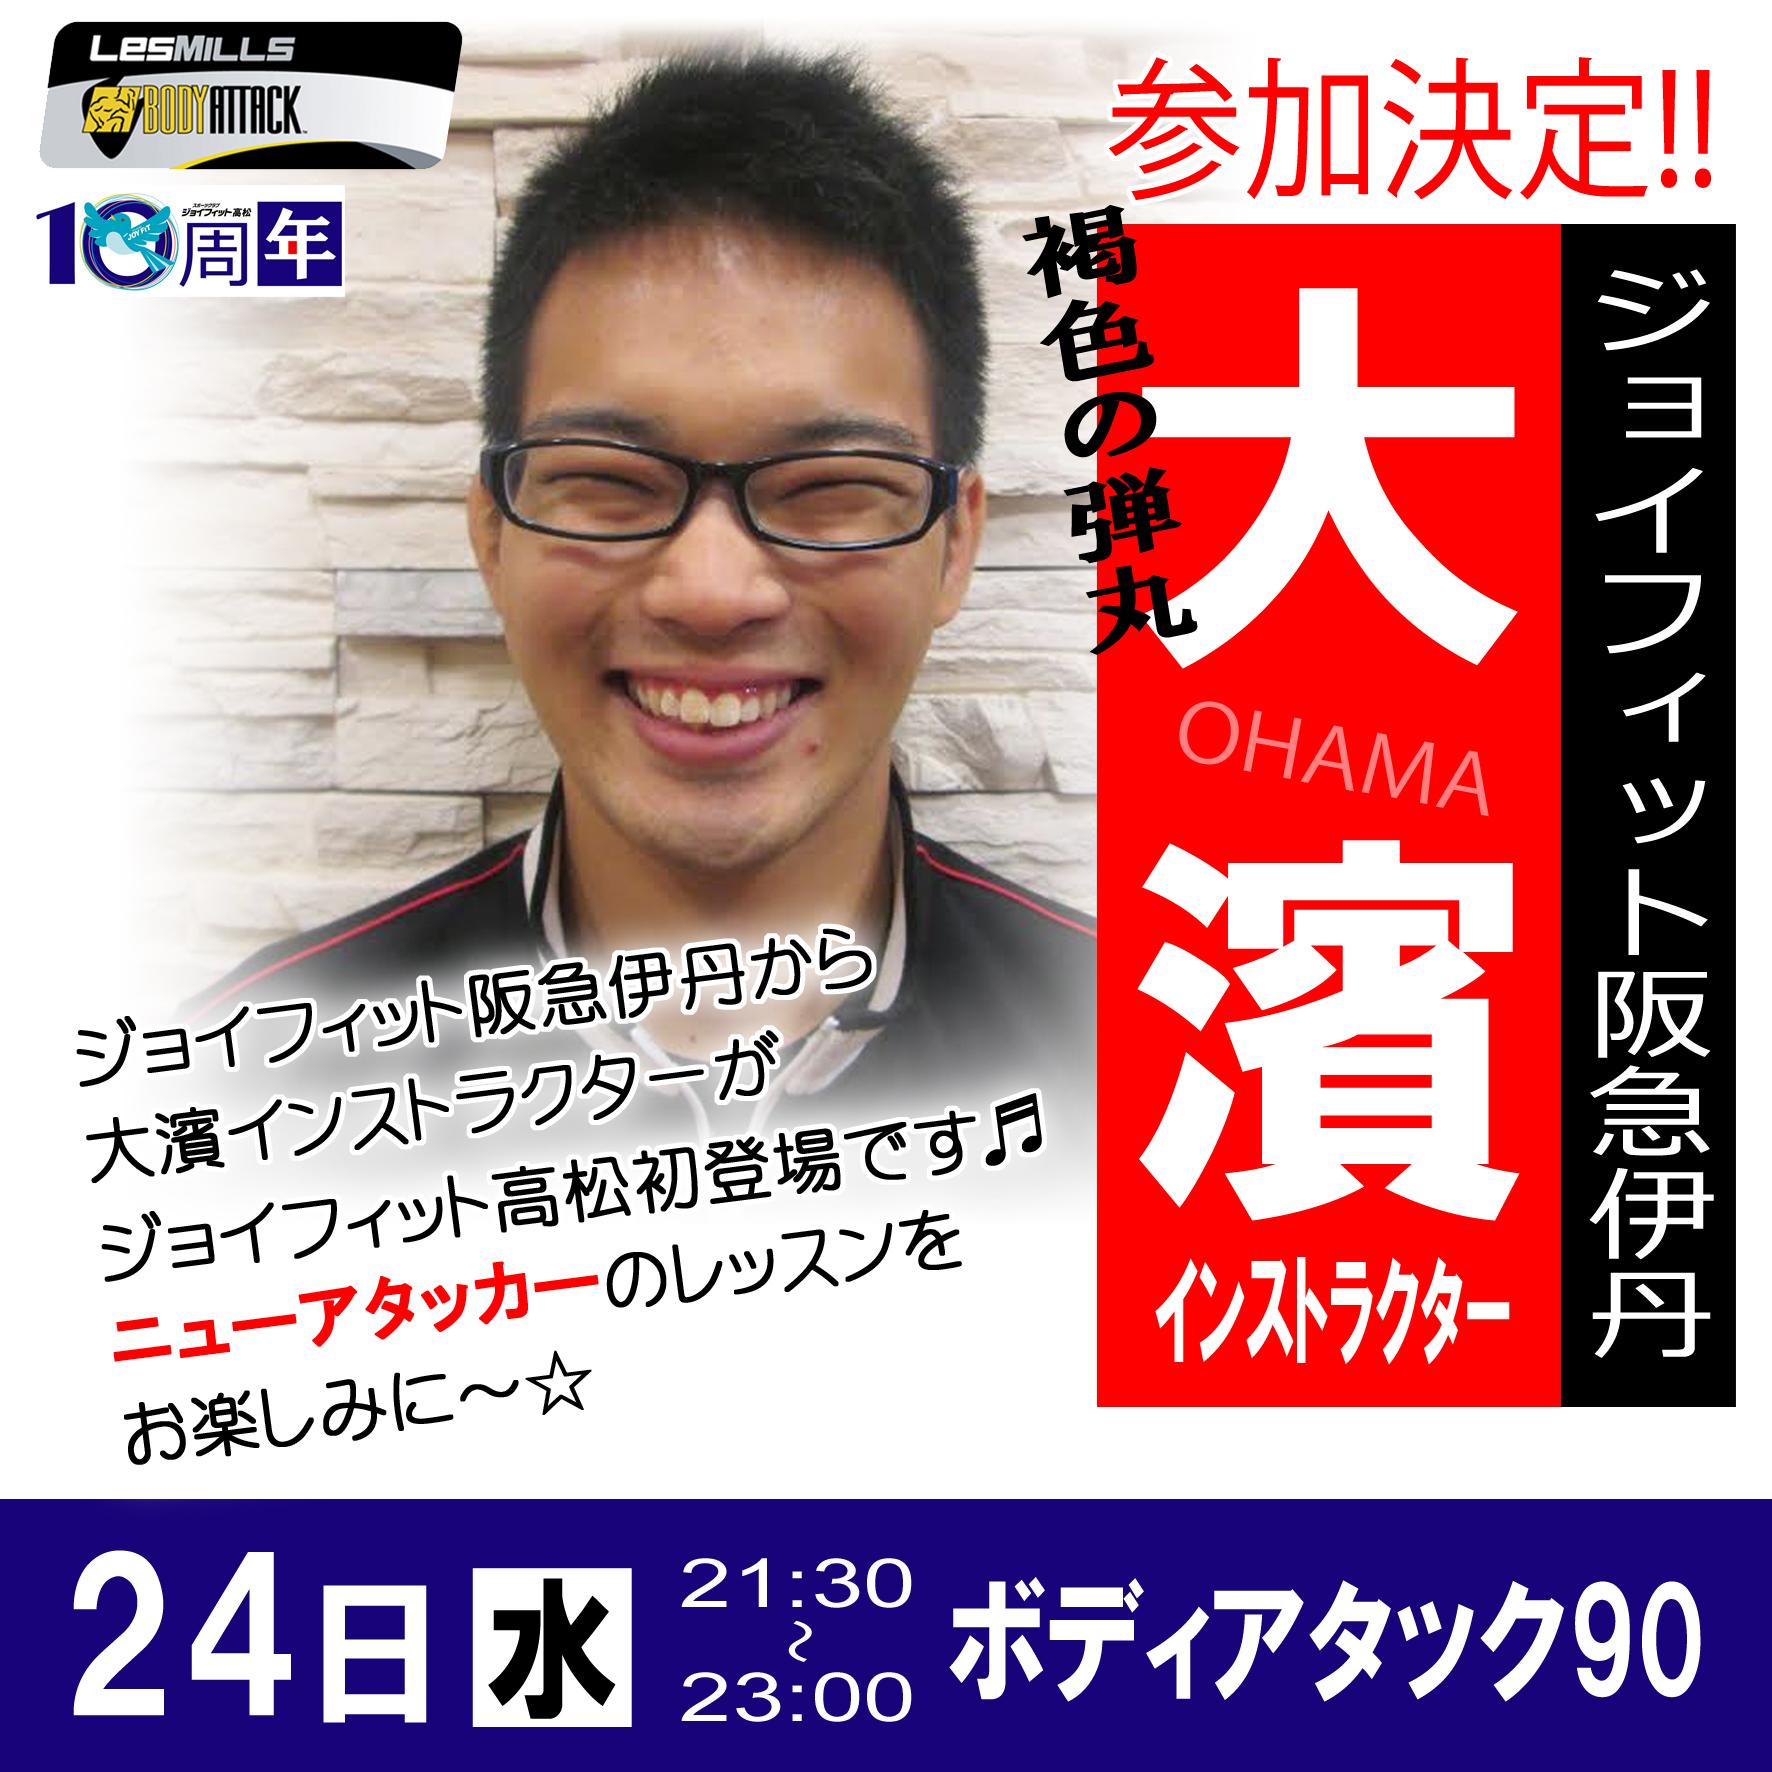 ゲスト大濱IR (2)